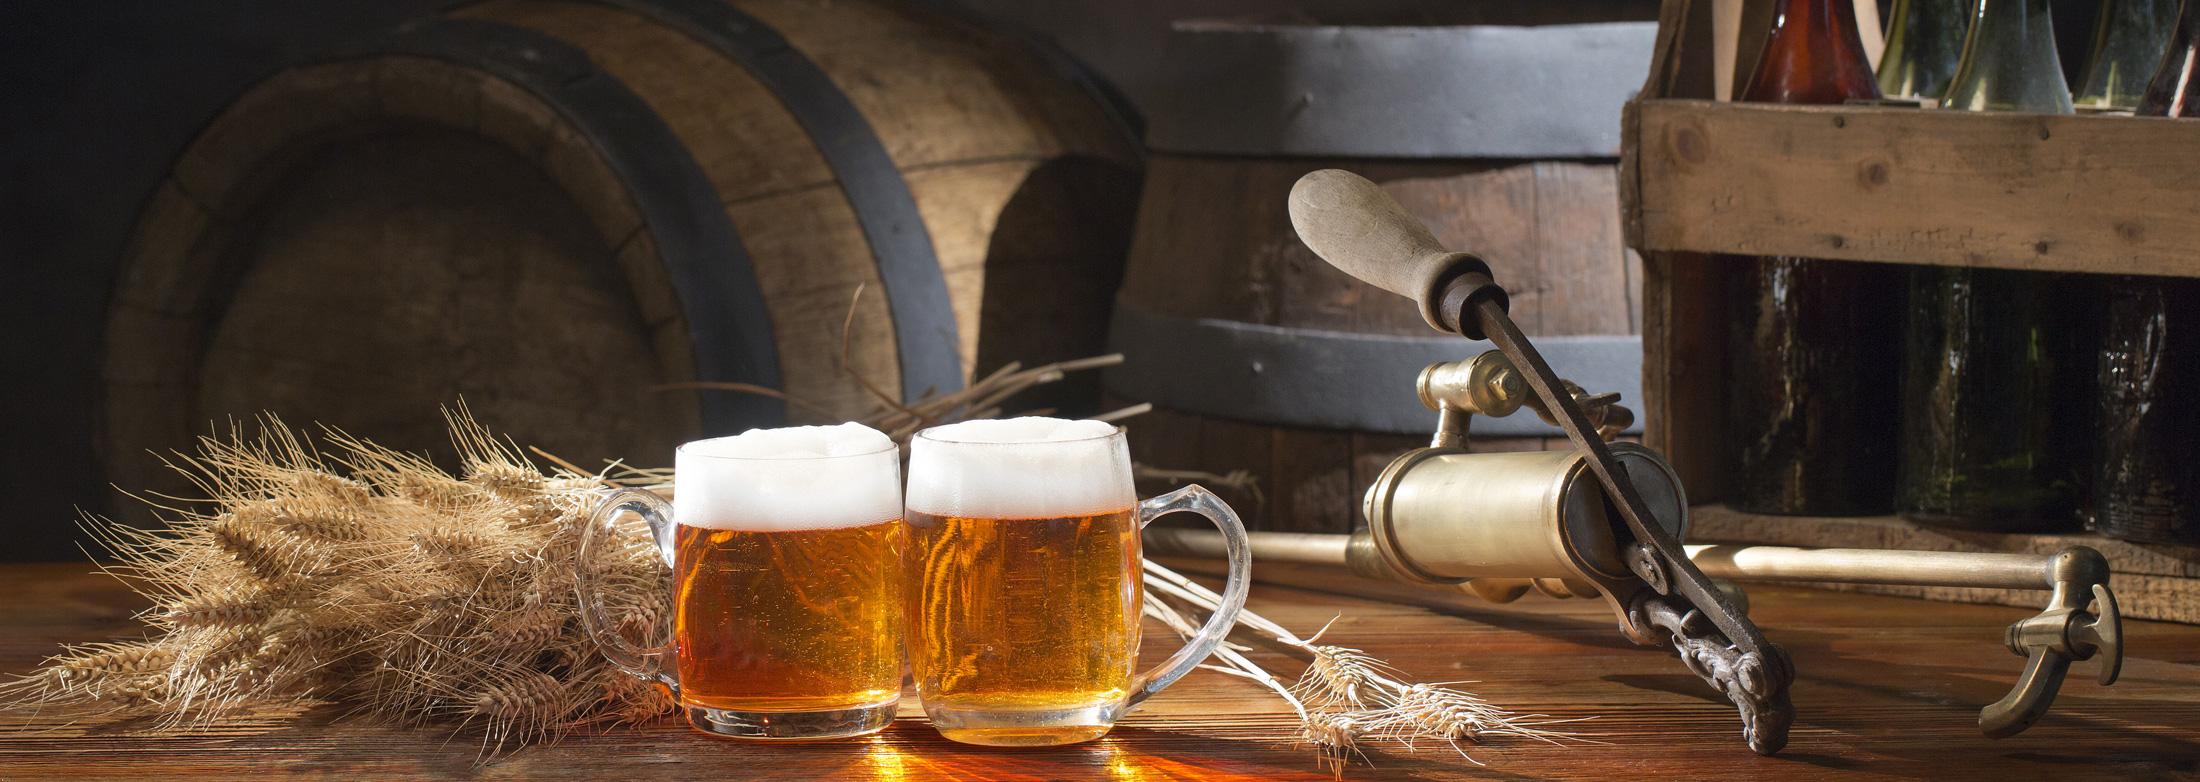 Пивные дрожжи своими руками для пива фото 4